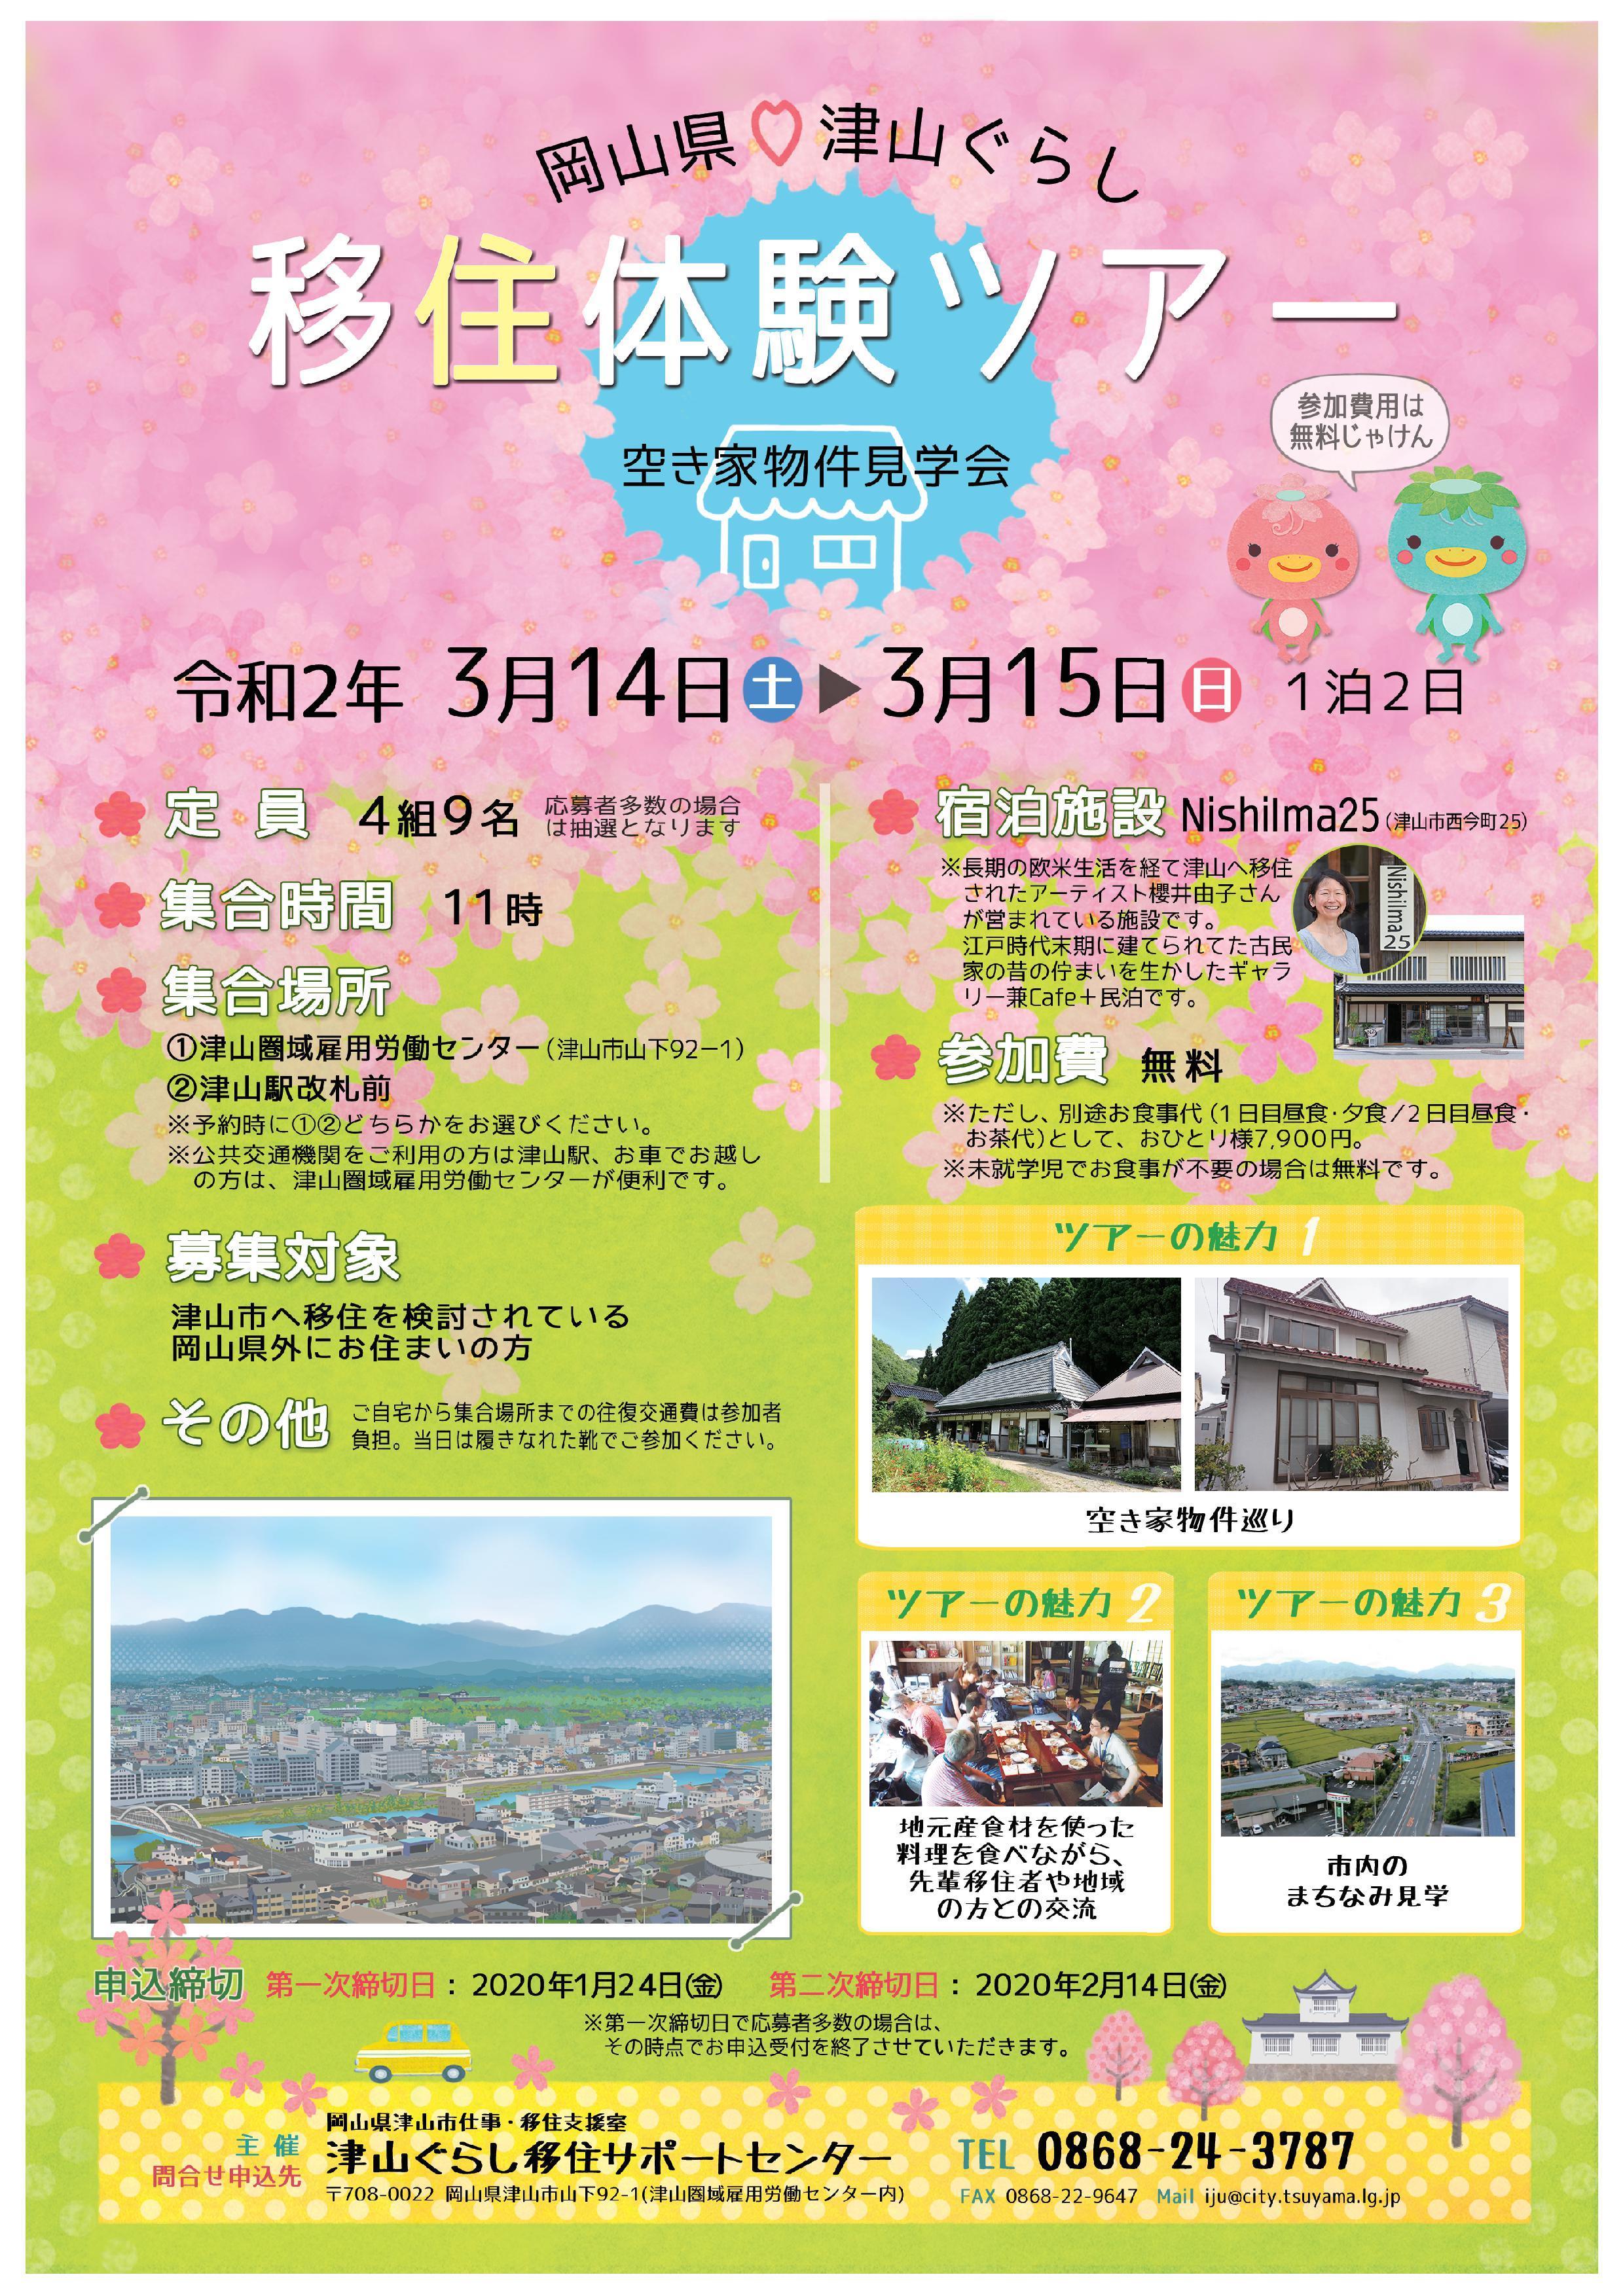 2020年3月14日(土)から1泊2日開催 津山ぐらし移住体験ツアー参加者募集のお知らせ